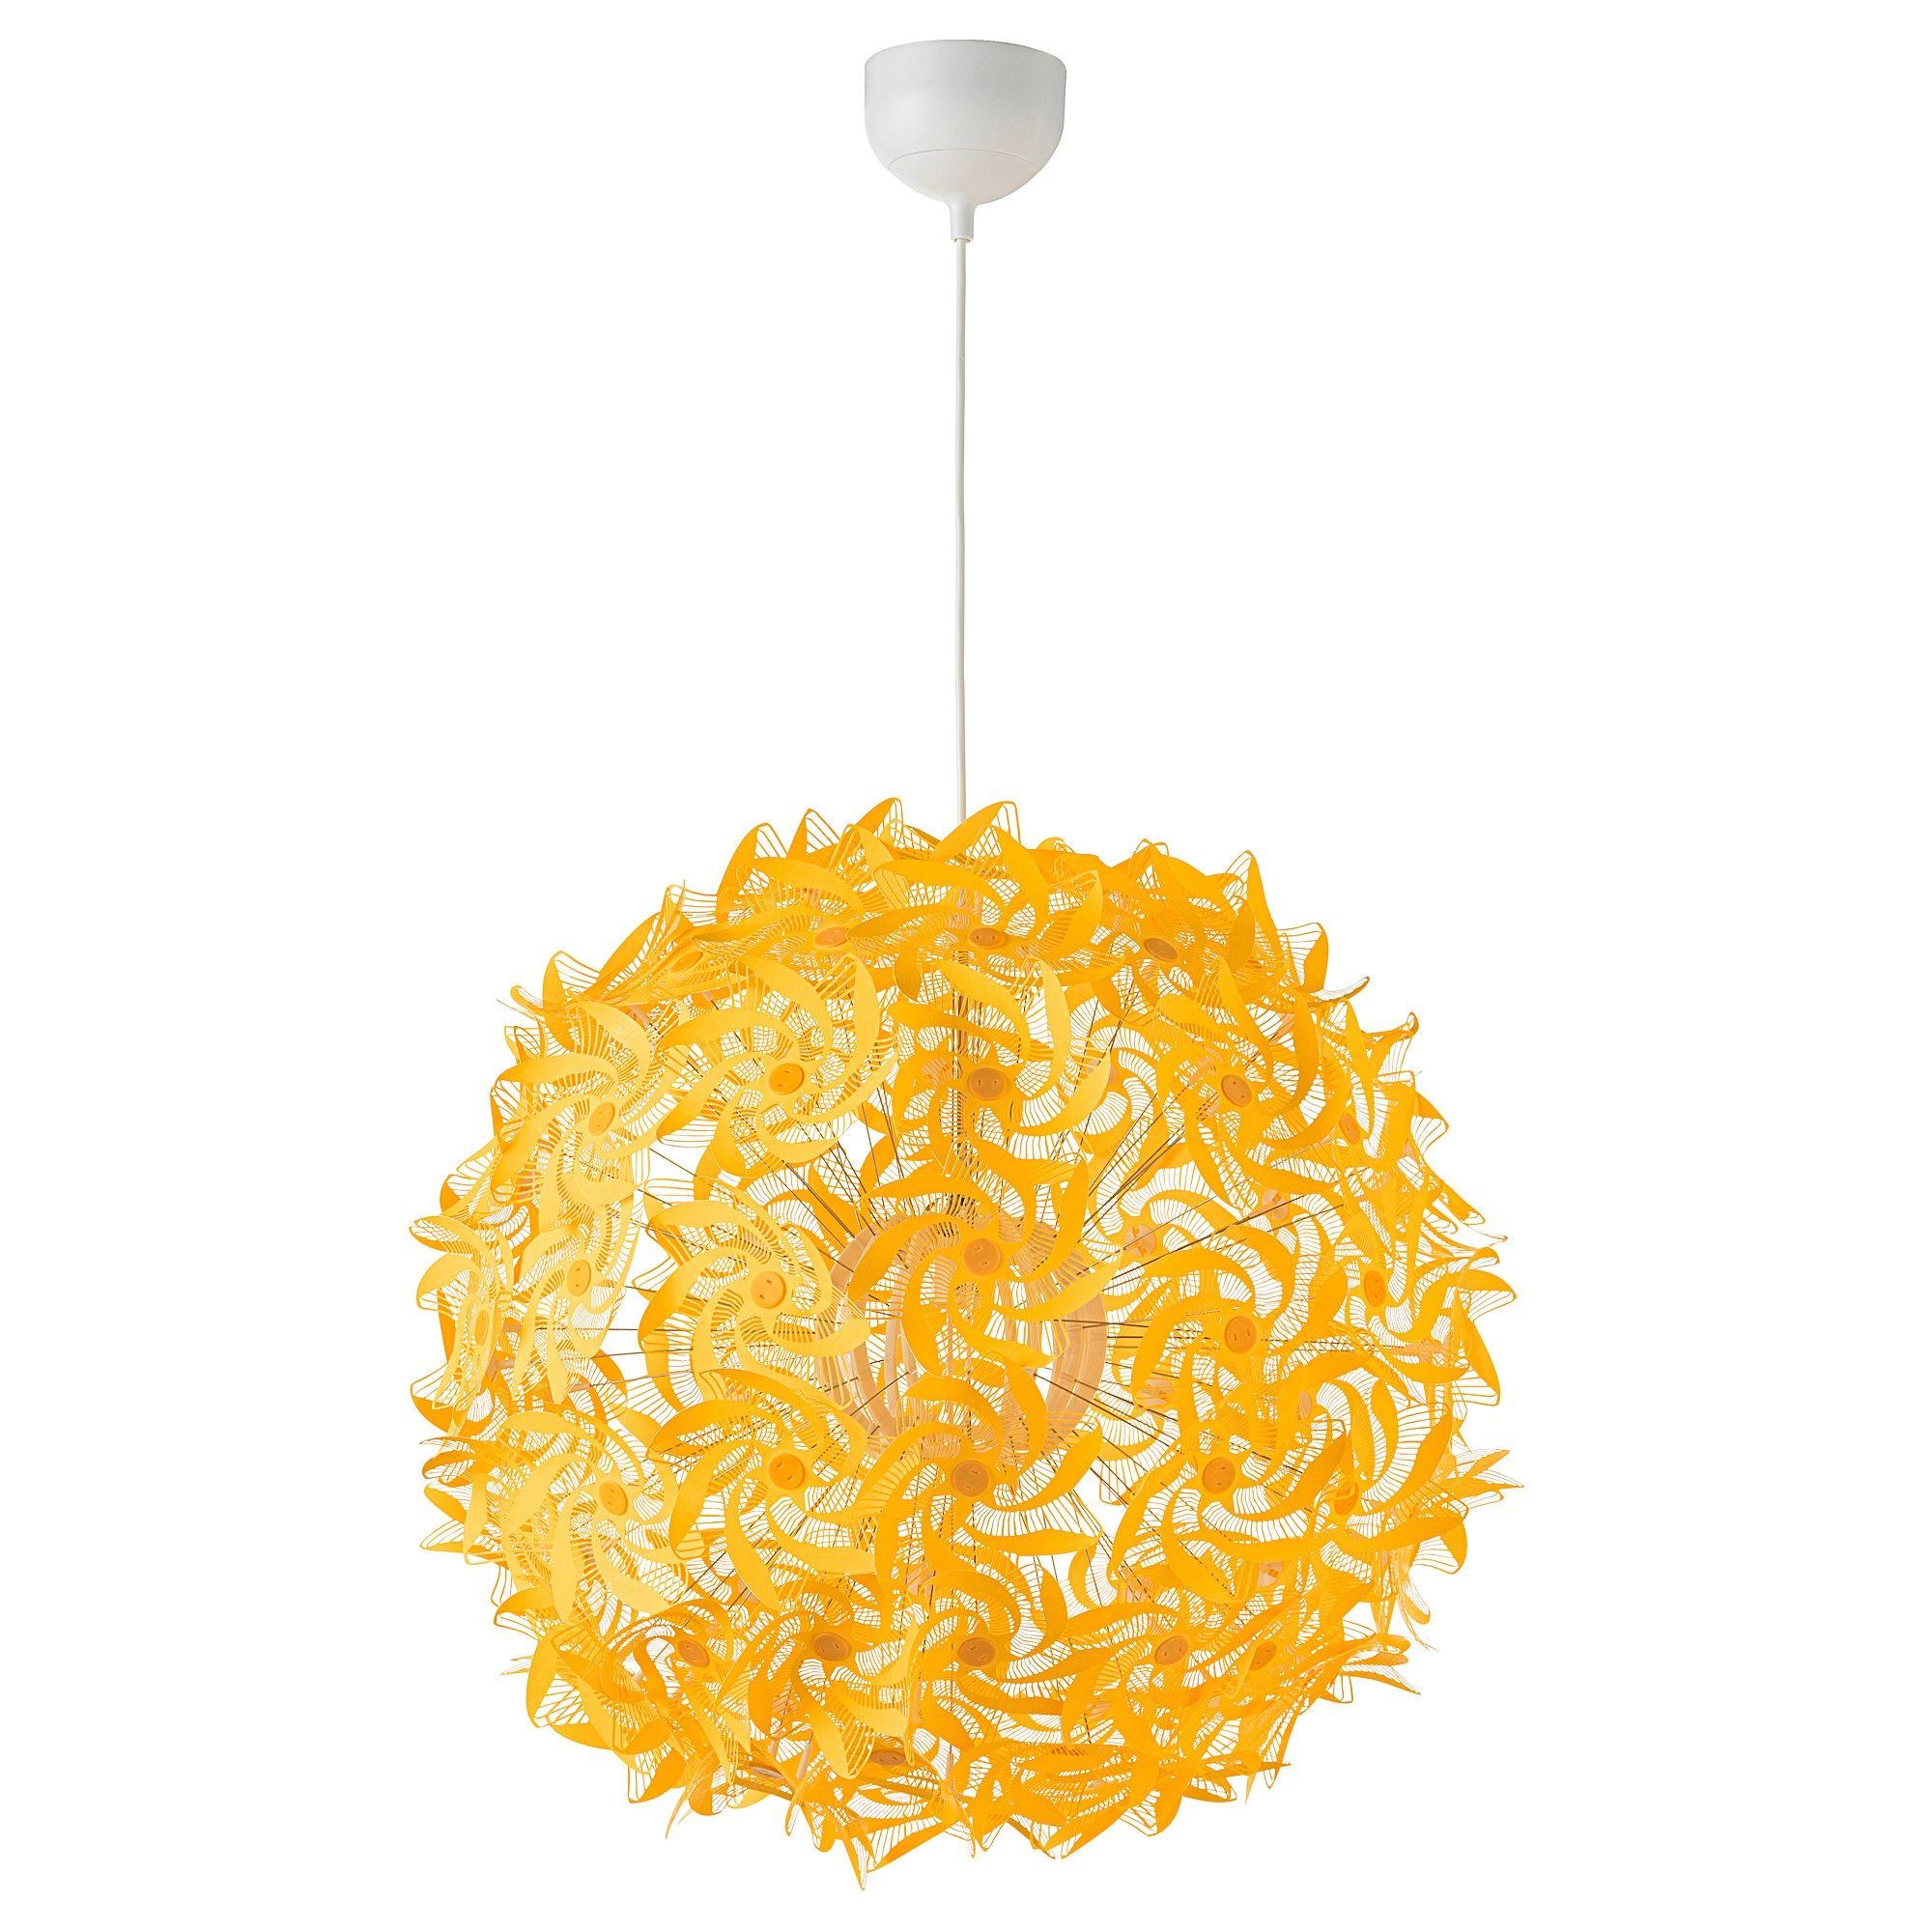 Full Size of Grimss Hngeleuchte Gelb Ikea Deutschland Anhnger Lampen Miniküche Modulküche Deckenlampen Für Wohnzimmer Betten 160x200 Bei Küche Kosten Kaufen Modern Sofa Wohnzimmer Ikea Deckenlampen